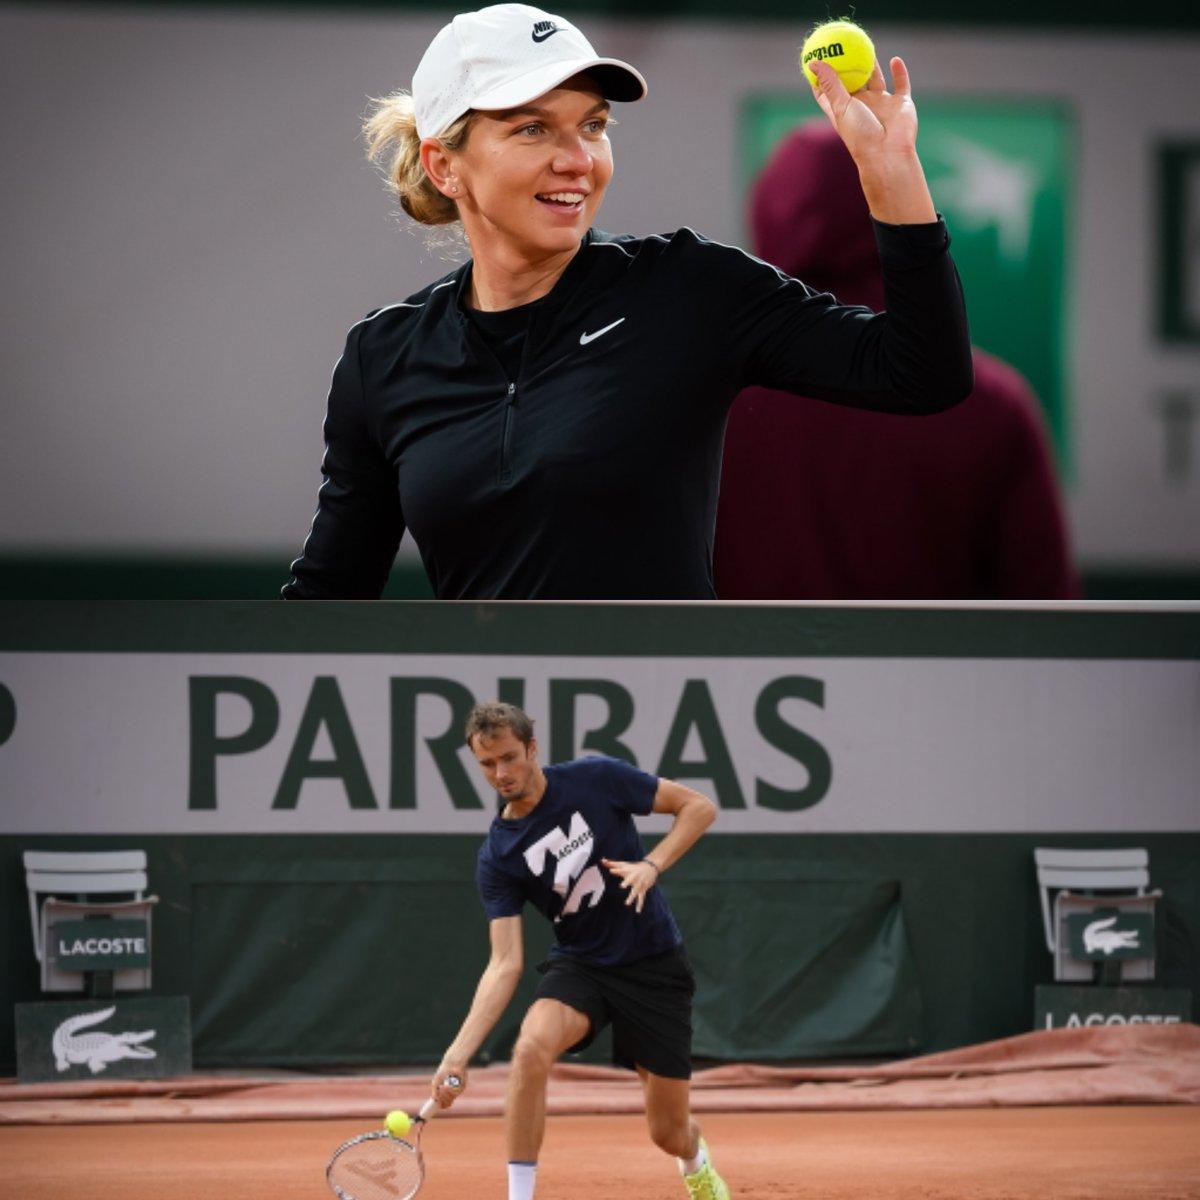 """¿Un Roland Garros de locos? 🤔 """"El frío provoca que la pista y la bola estén más pesadas, es muy díficil jugar así"""", @Simona_Halep. 🎙️  """"En tierra batida, me beneficia mucho que haga frío, que la pelota no pique mucho al botar"""", @DaniilMedwed. 🗣️  #RolandGarros #ATPTour #WTAtour https://t.co/C4n9bq2QX4"""